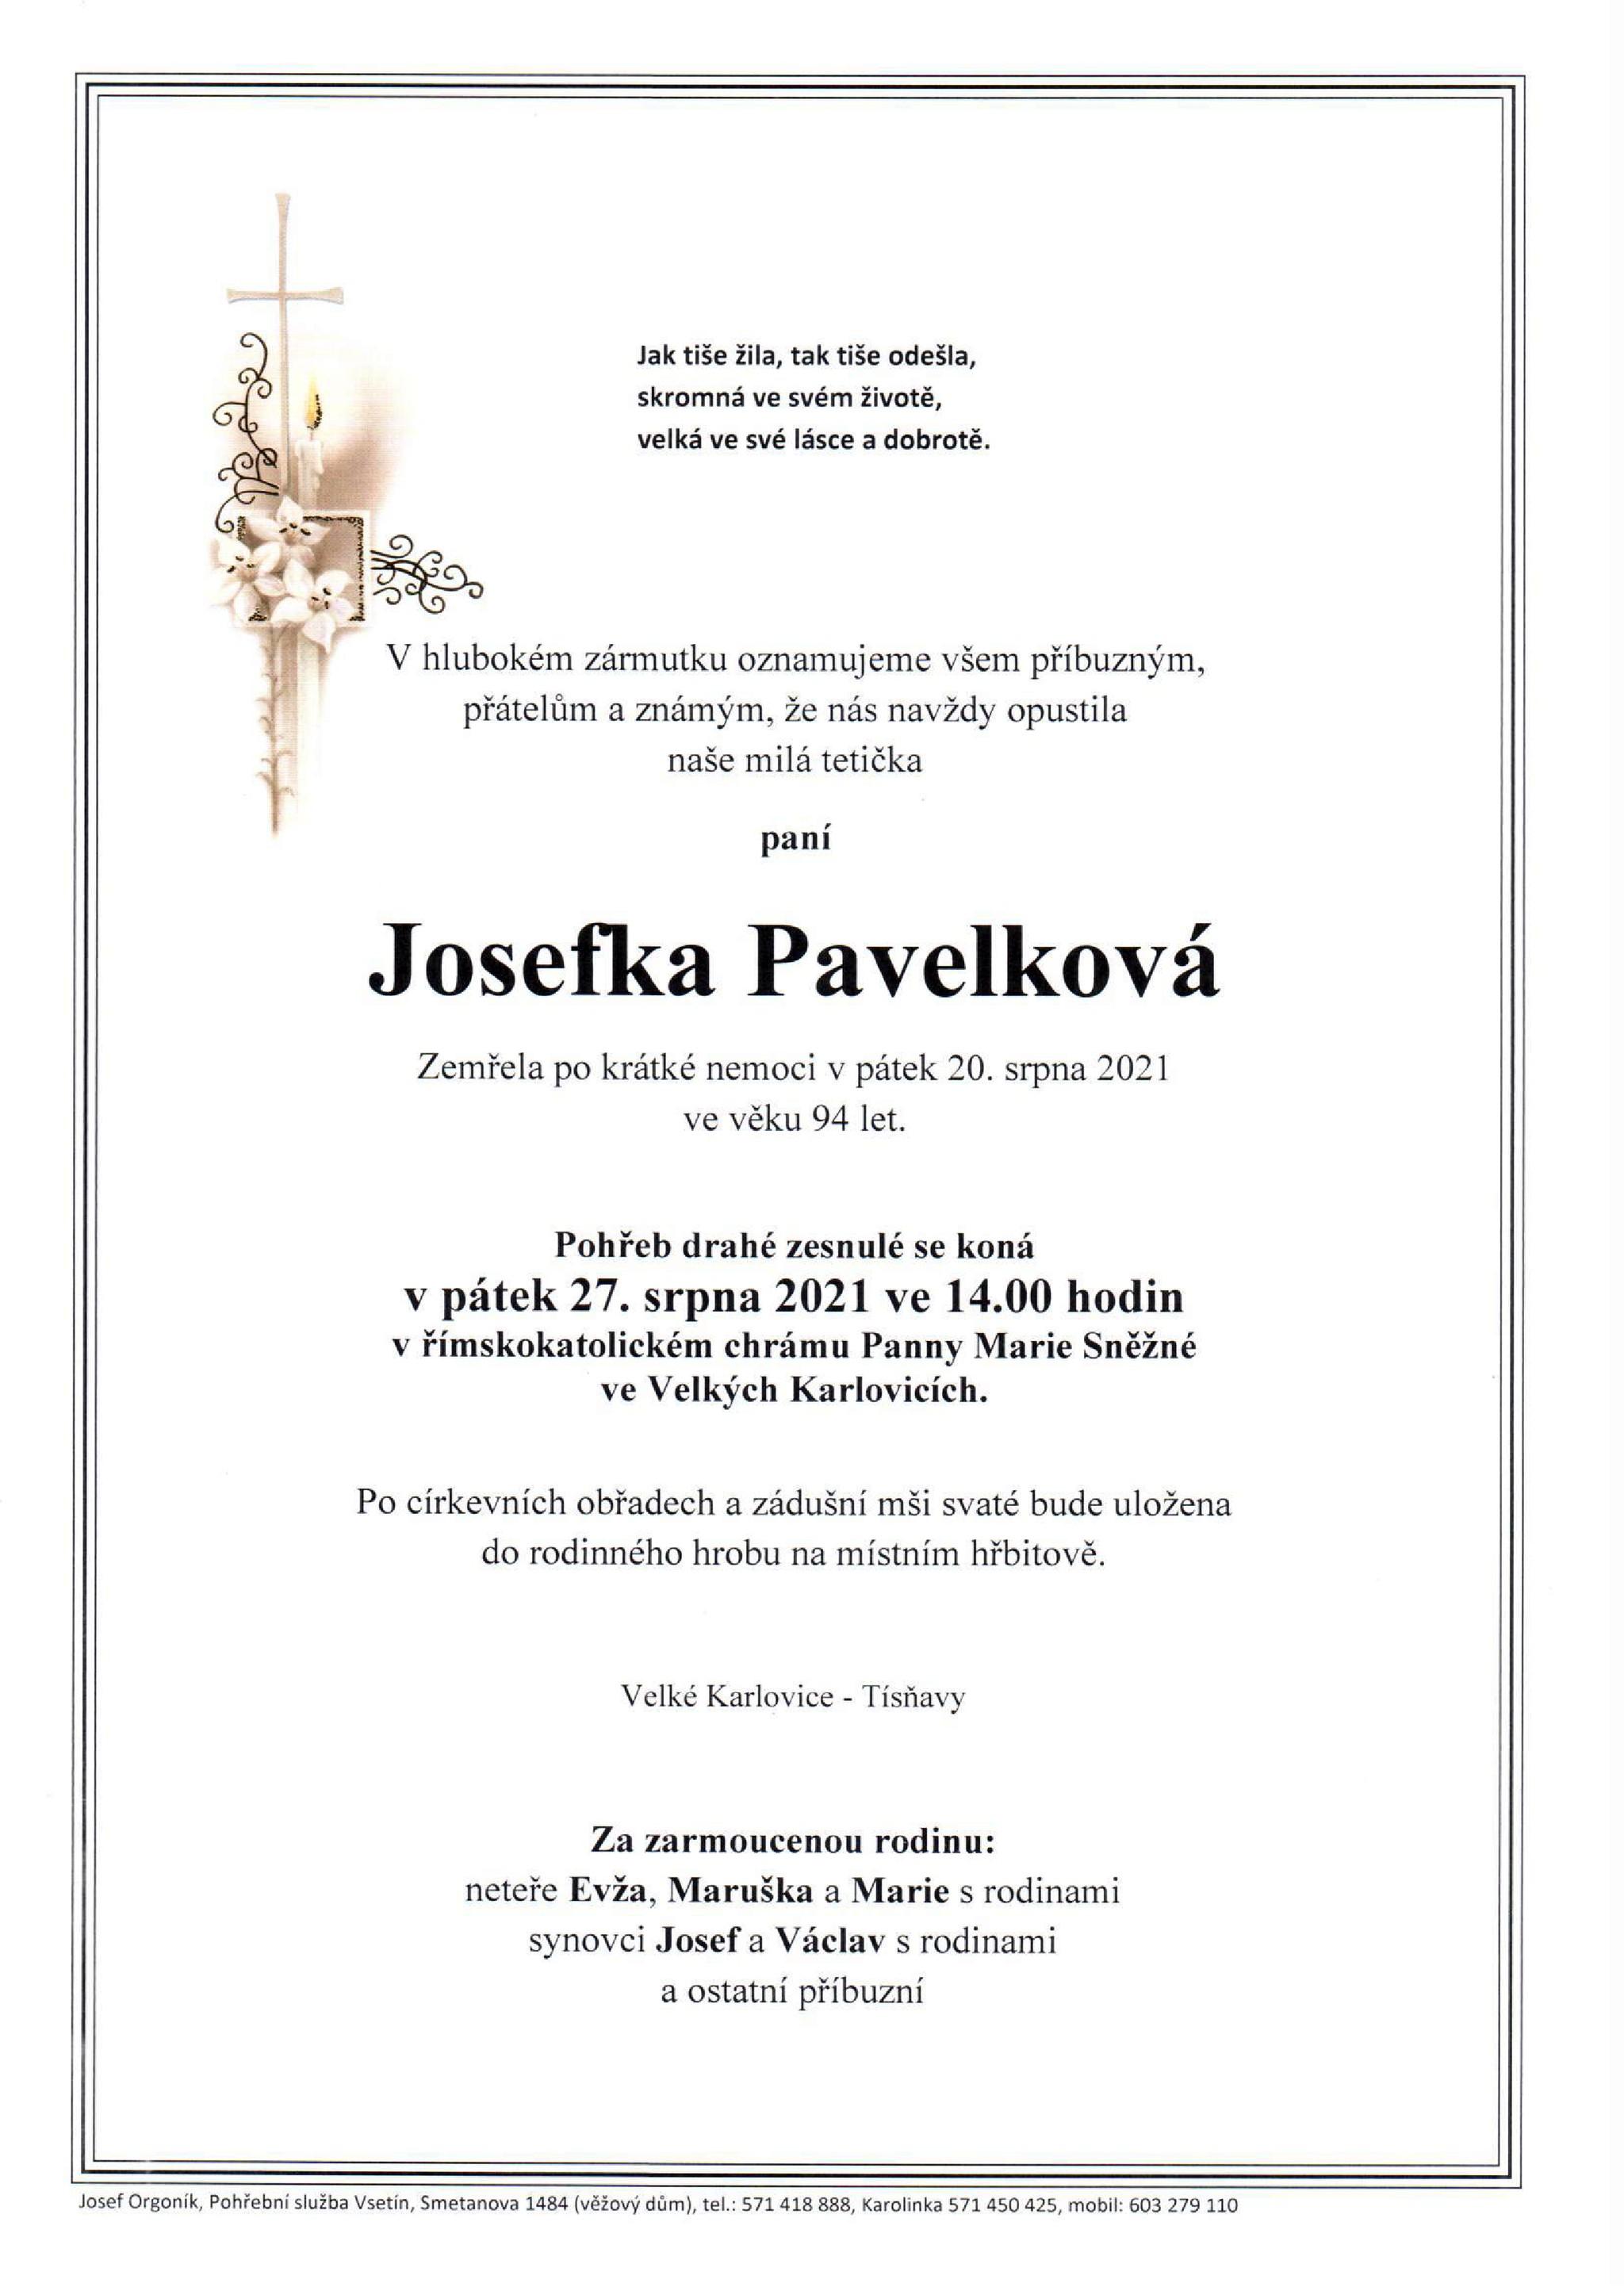 Josefka Pavelková